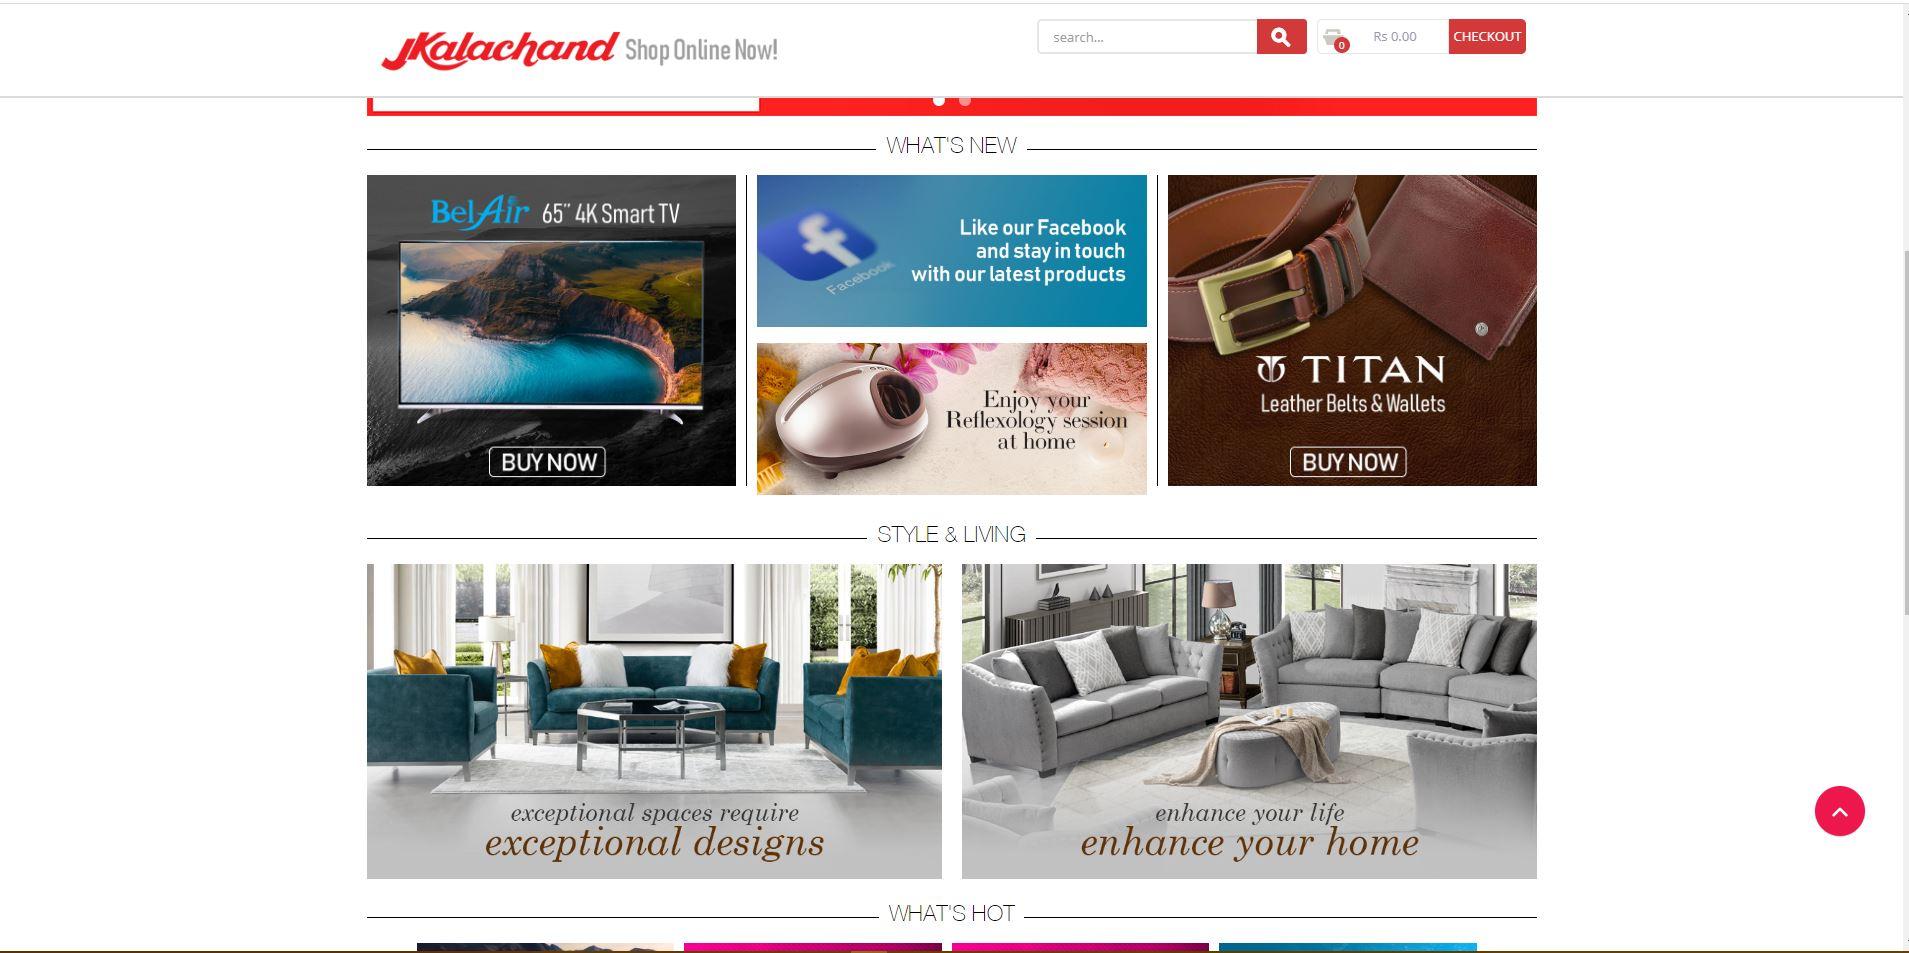 Kalachand-Digital-Marketing-Mauritius-Ecommerce